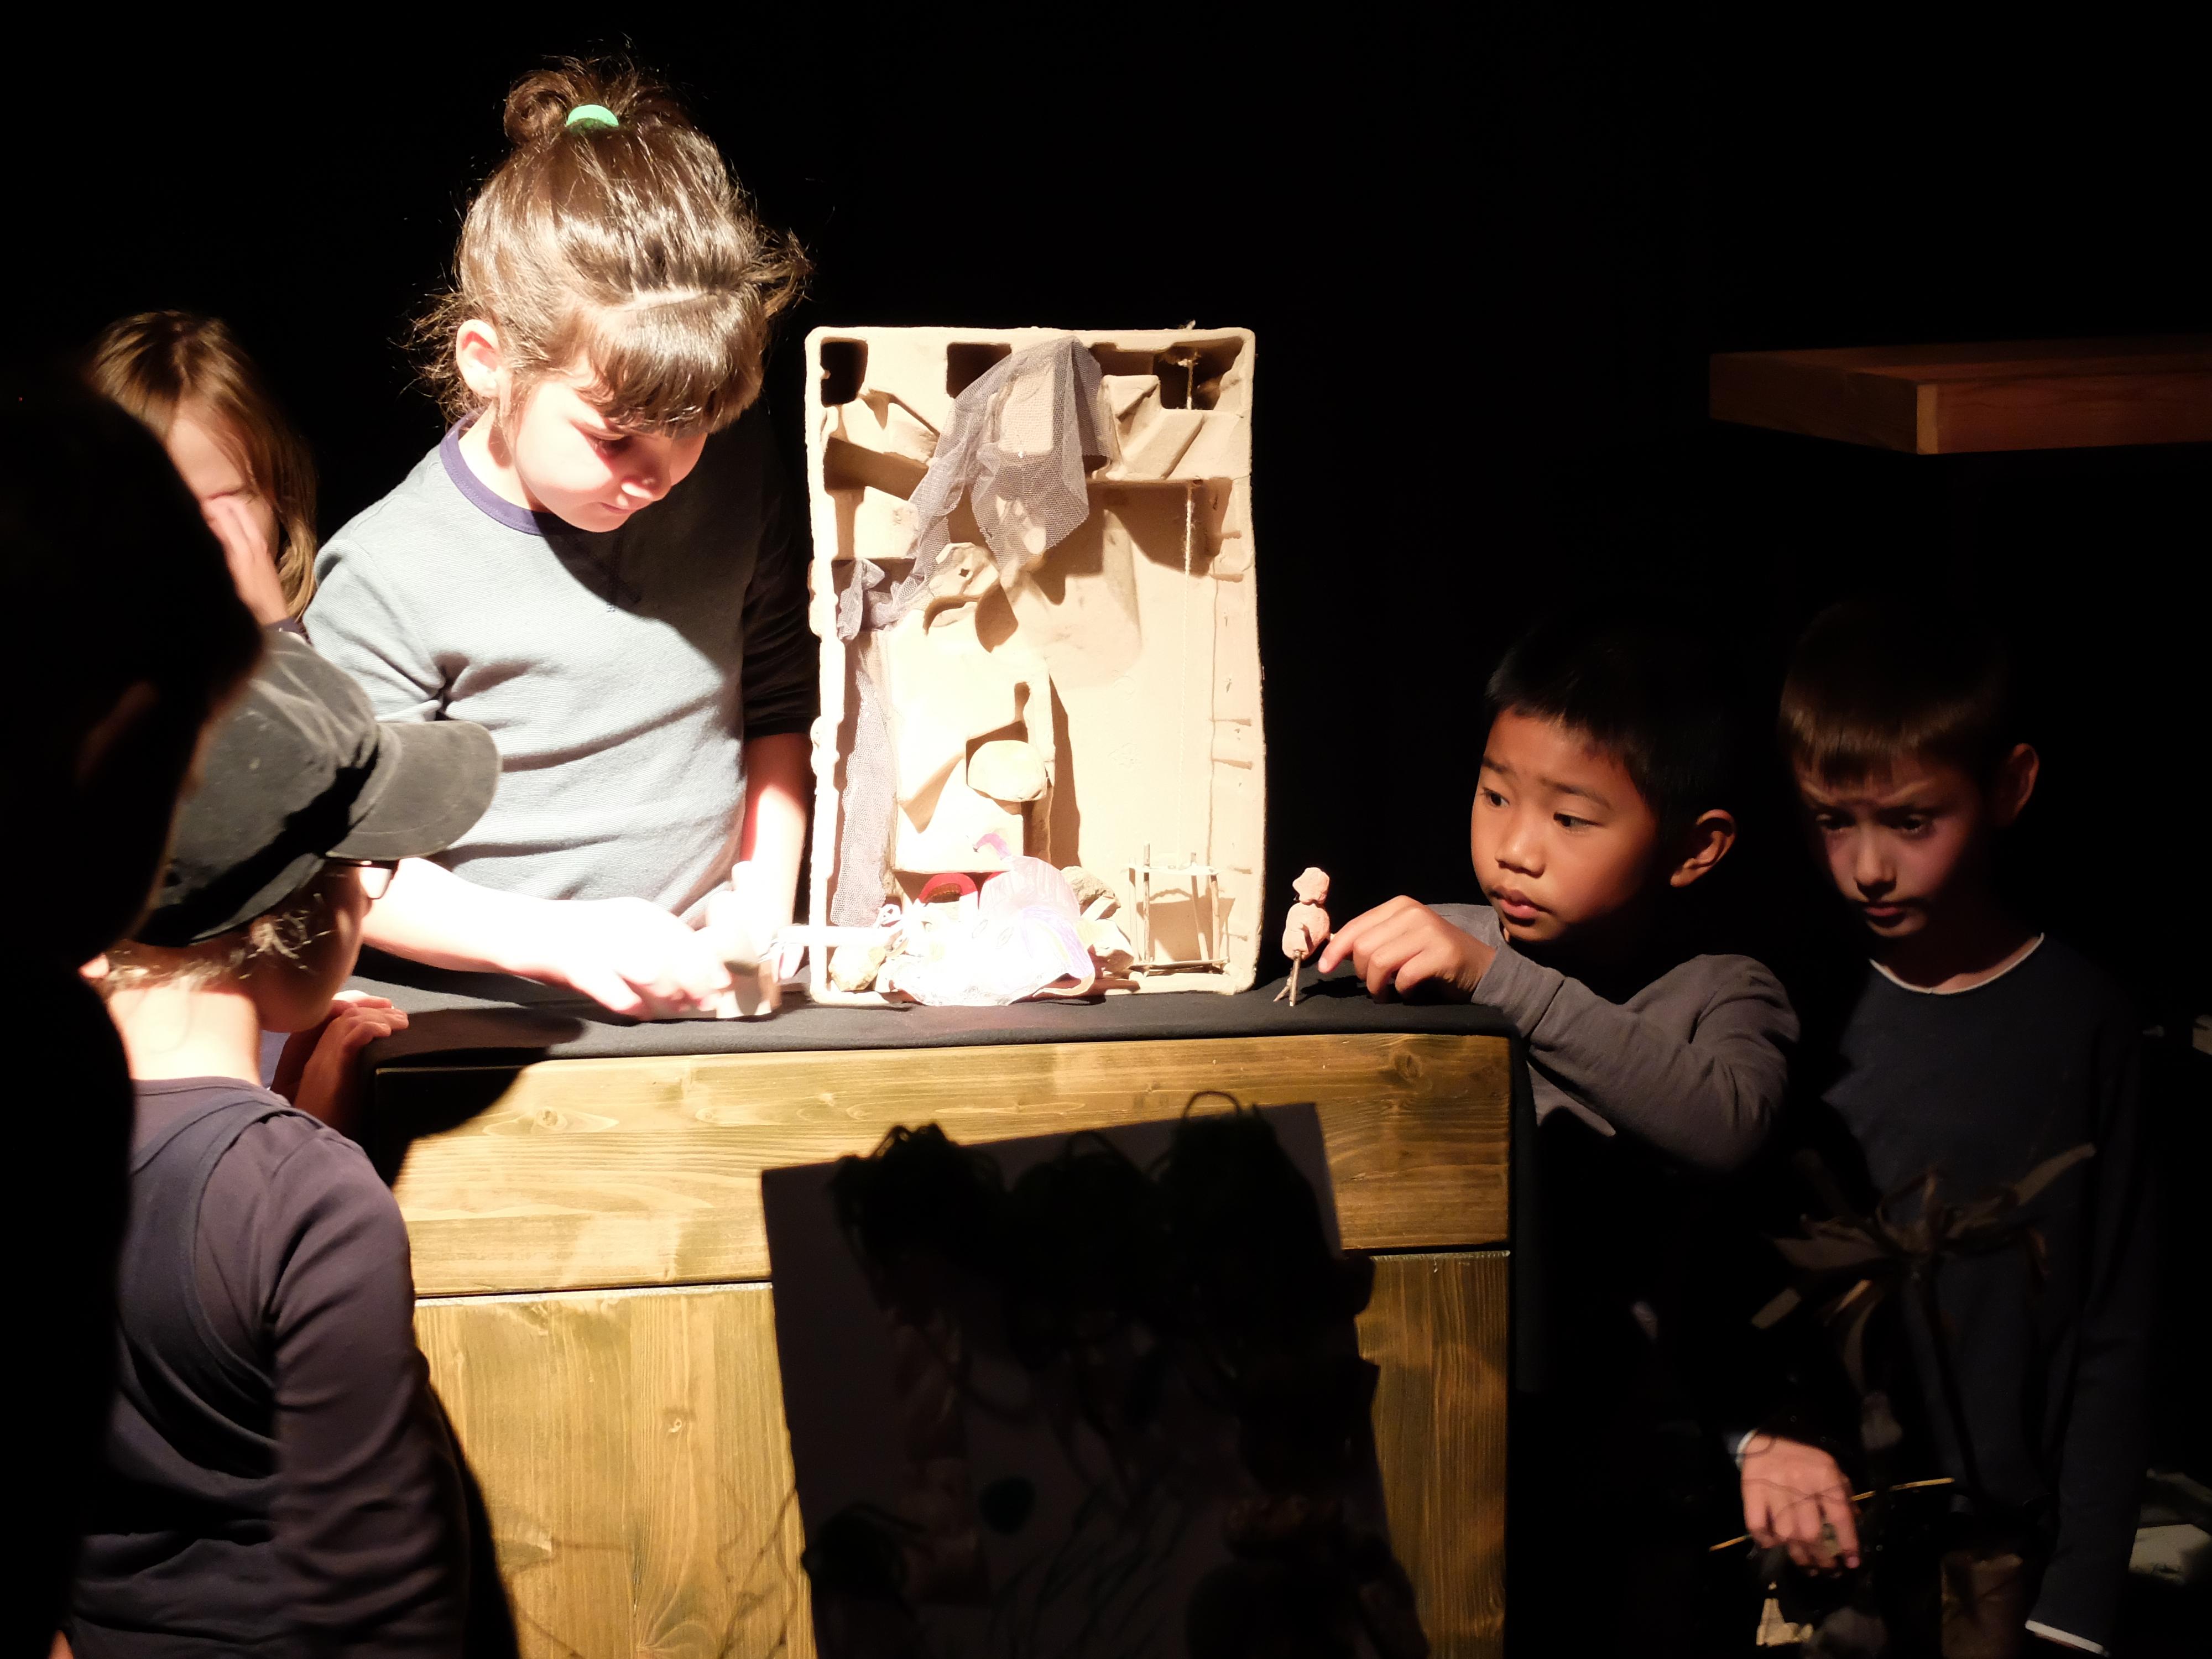 Ein hell angeleuchtes Mädchen mit Zopf steht hinter einem Holzschränkchen auf der Bühne. Darauf befindet sich hochkant eine rechteckige Pappkiste, in der Dinge aus Stoff und Pappe wie in einem Mini-Bühnenbild angeordnet sind. Neben ihr stehen im Halbdunkel je zwei andere Kinder. Eines davon hält eine kleine Figur aus Knete in der Hand.